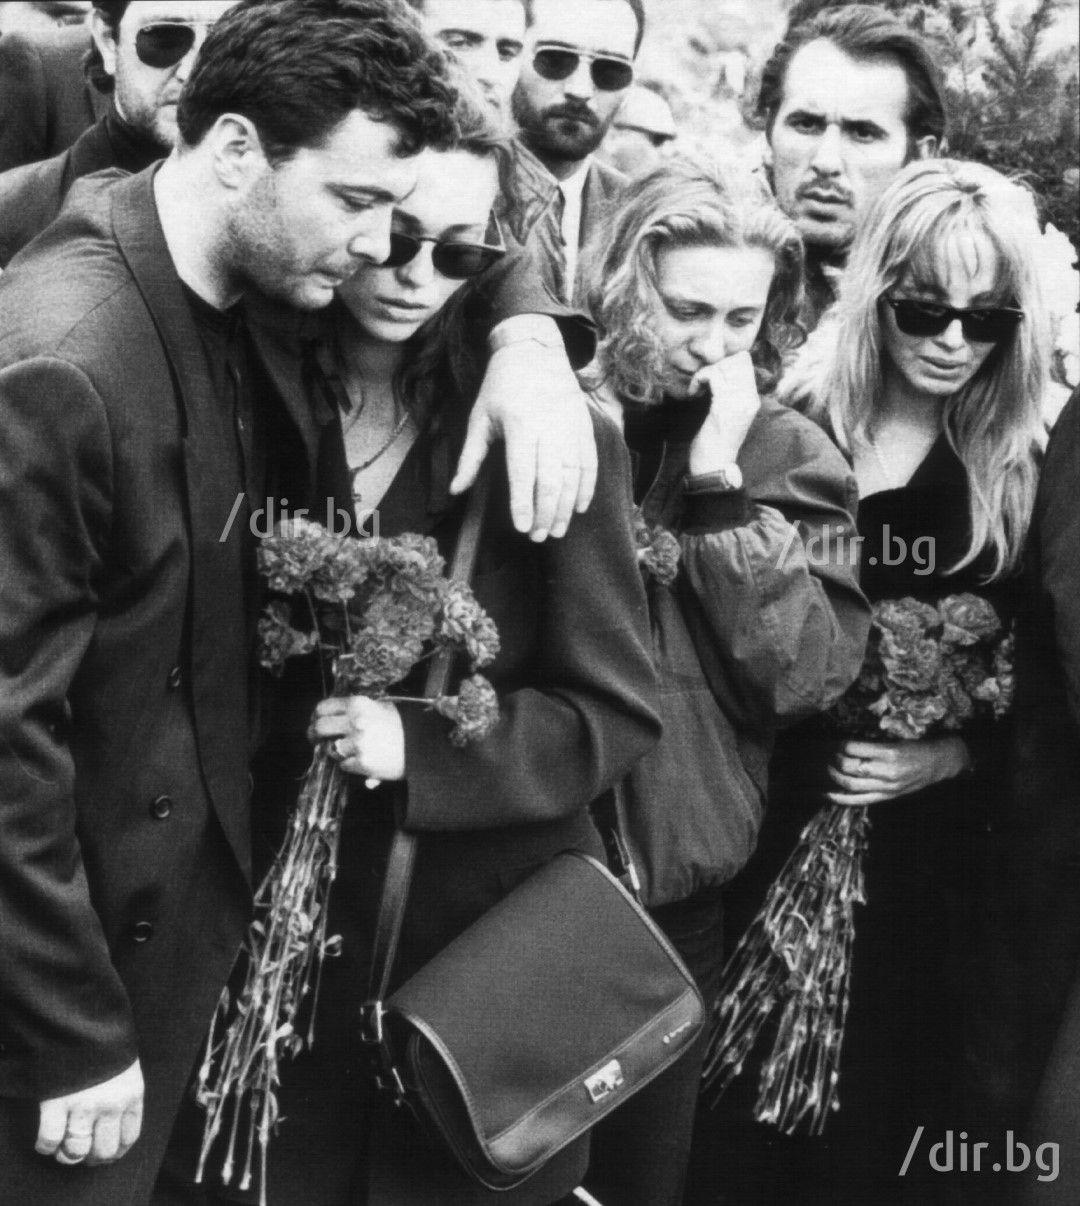 27 април 1995 г. Съсипаният от мъка Георги Илиев на погребението на брат си на кюстендилските гробища. На снимката е и малката им сестра Мариана. Малко след това е коронясан за лидер на ВИС. Поведението на Георги е безпардонно и вероятно оттук тръгва и версията, че той стои зад убийството на брат си Васил, а физическият извършител бил Злати Златев-Златистия.